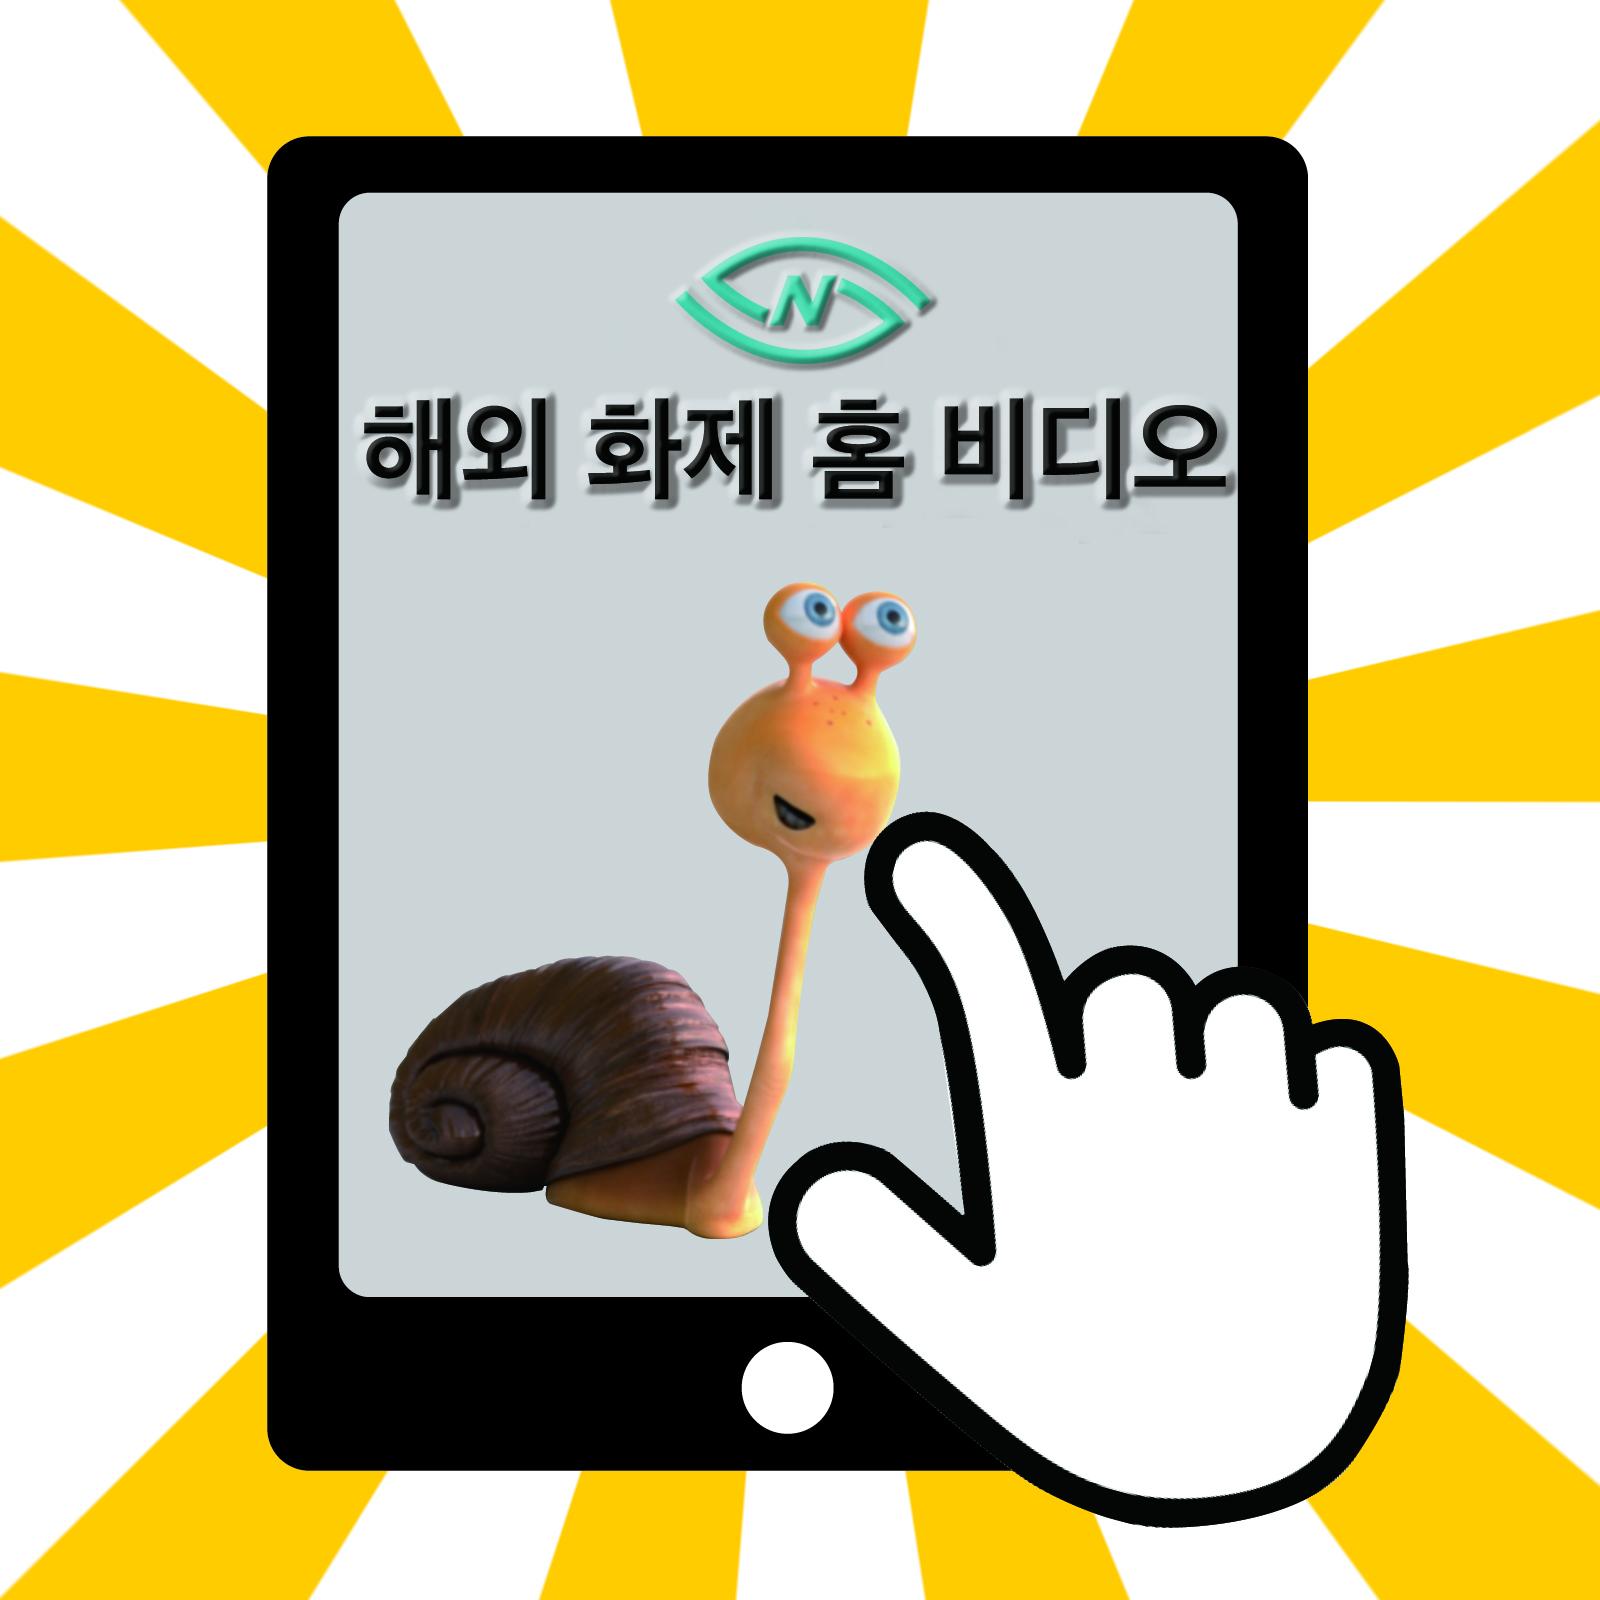 [SMN] 해외 화제 홈비디오